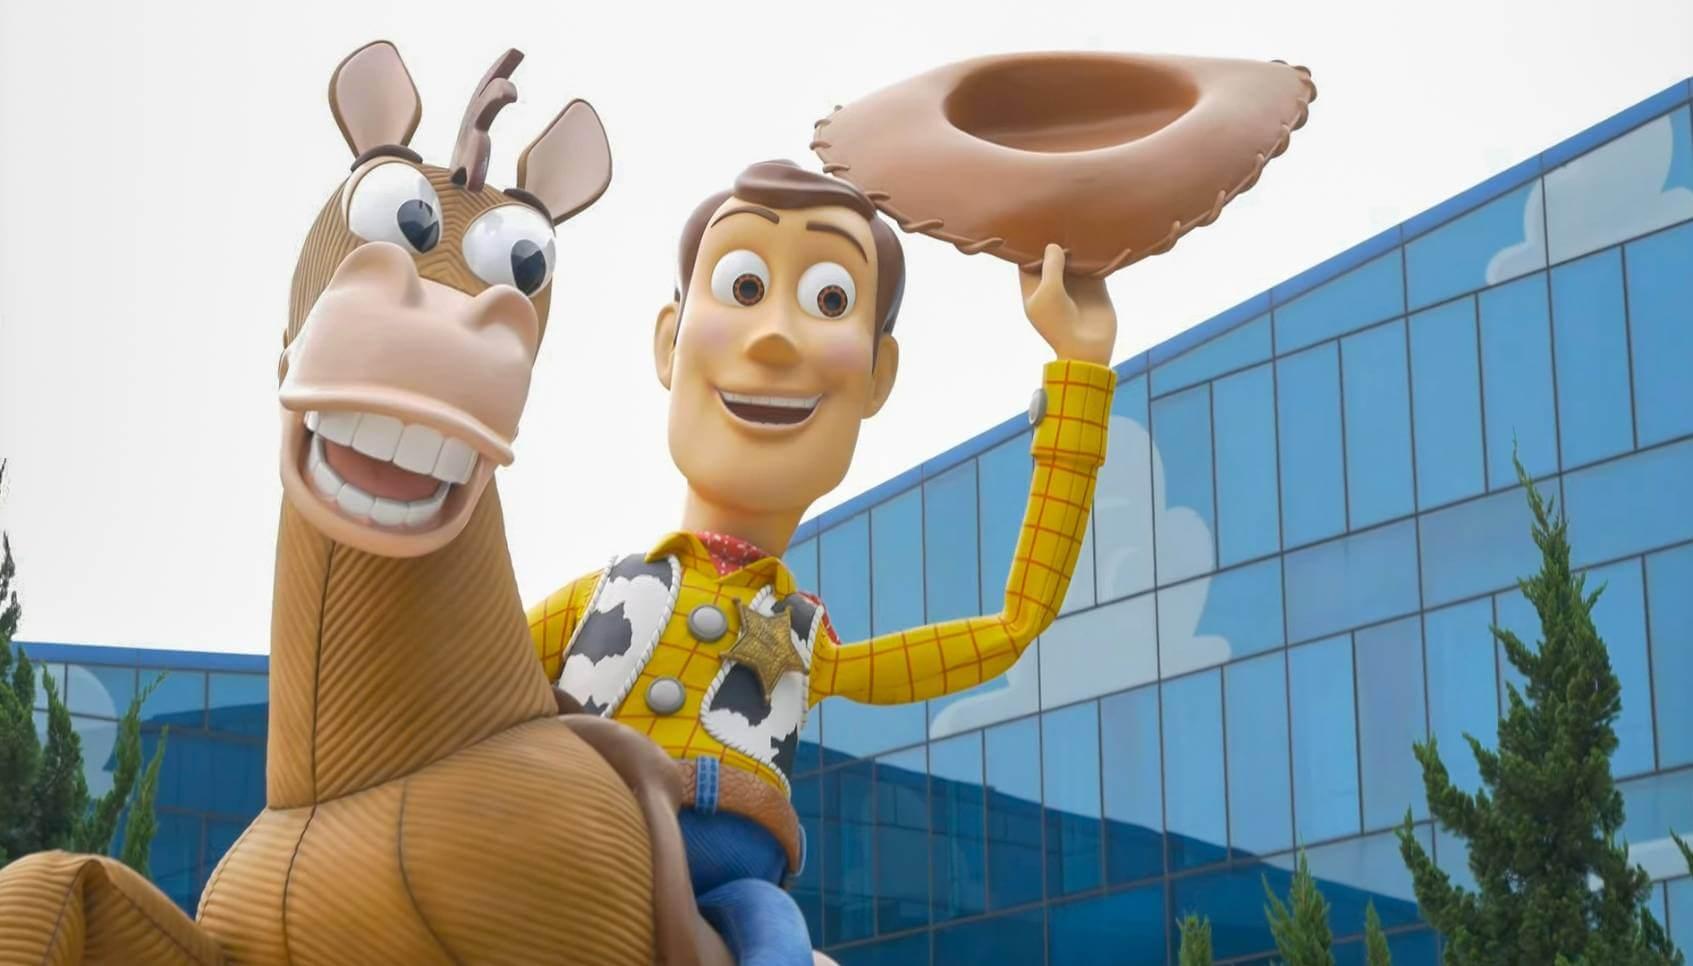 新ディズニーホテル『トイストーリーホテル』がオープン!予約、値段、情報まとめます